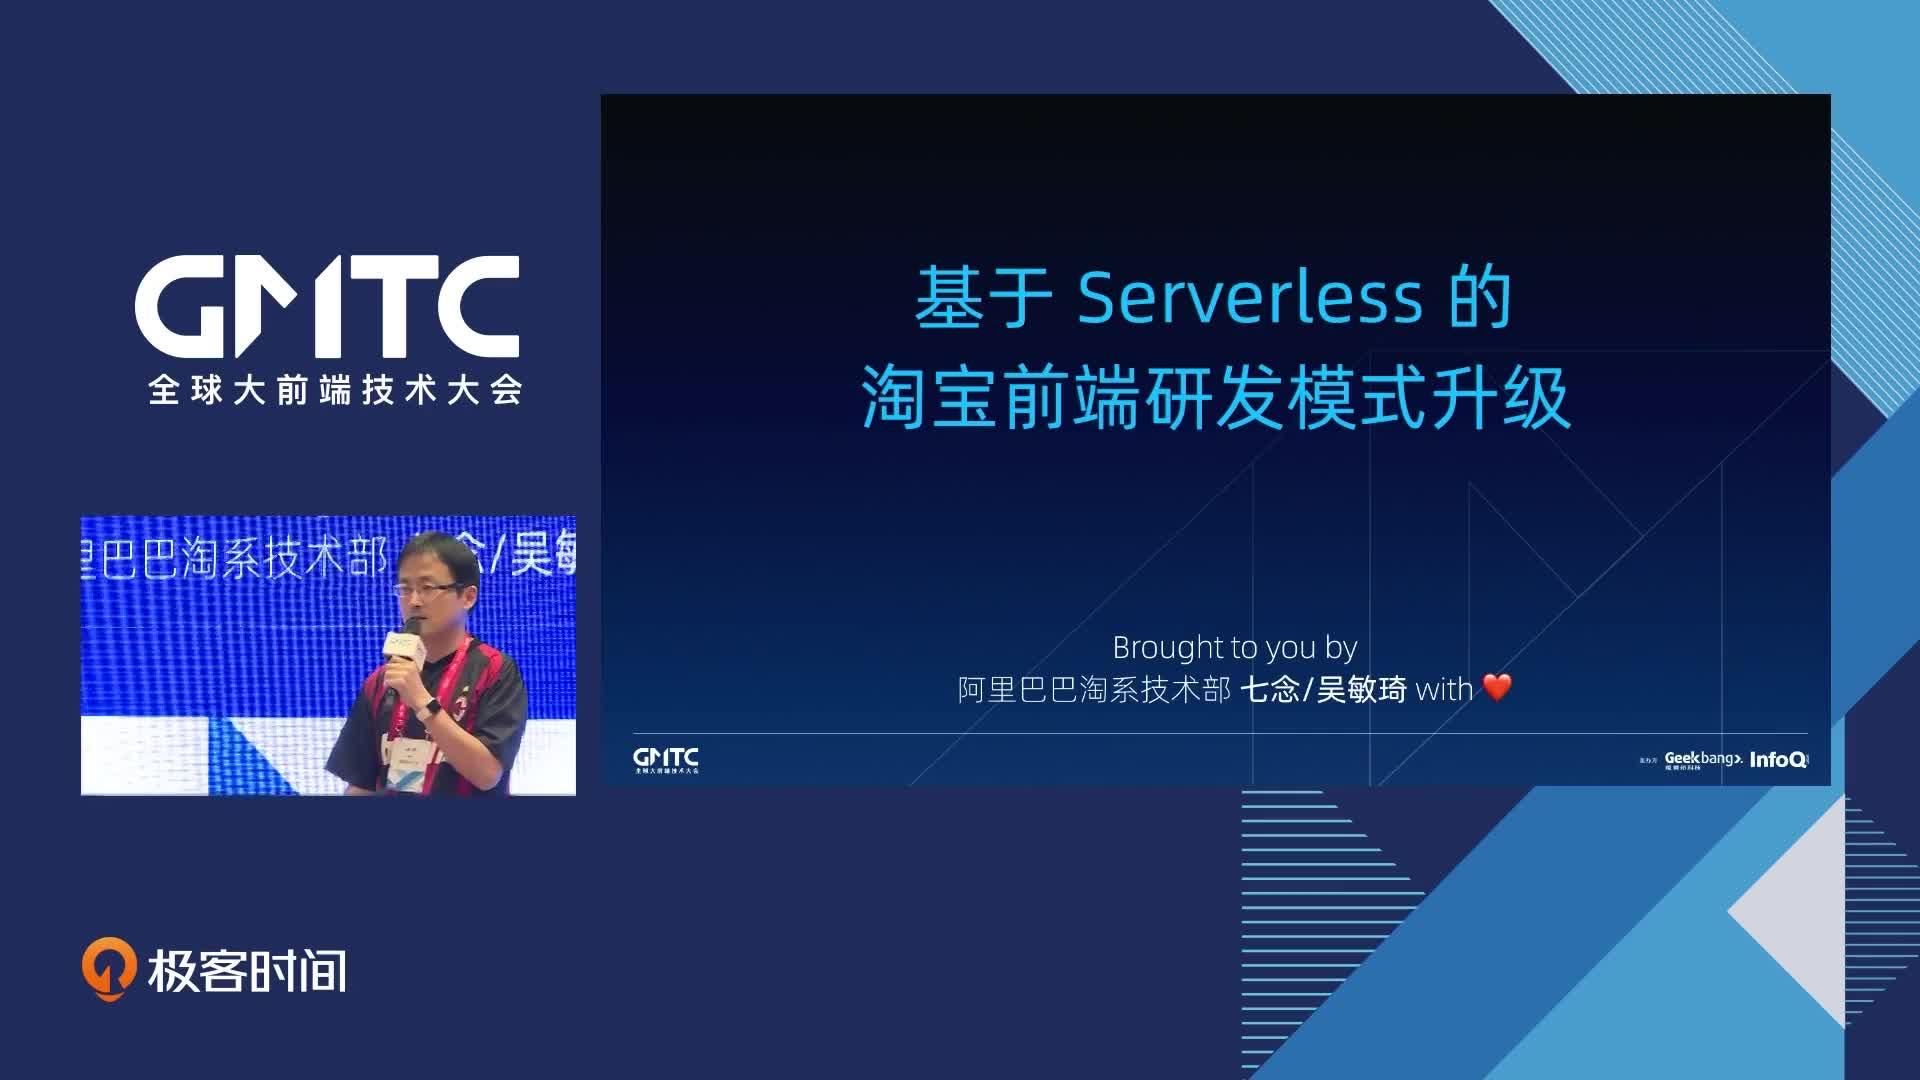 基于 Serverless 的淘宝前端研发模式升级丨GMTC